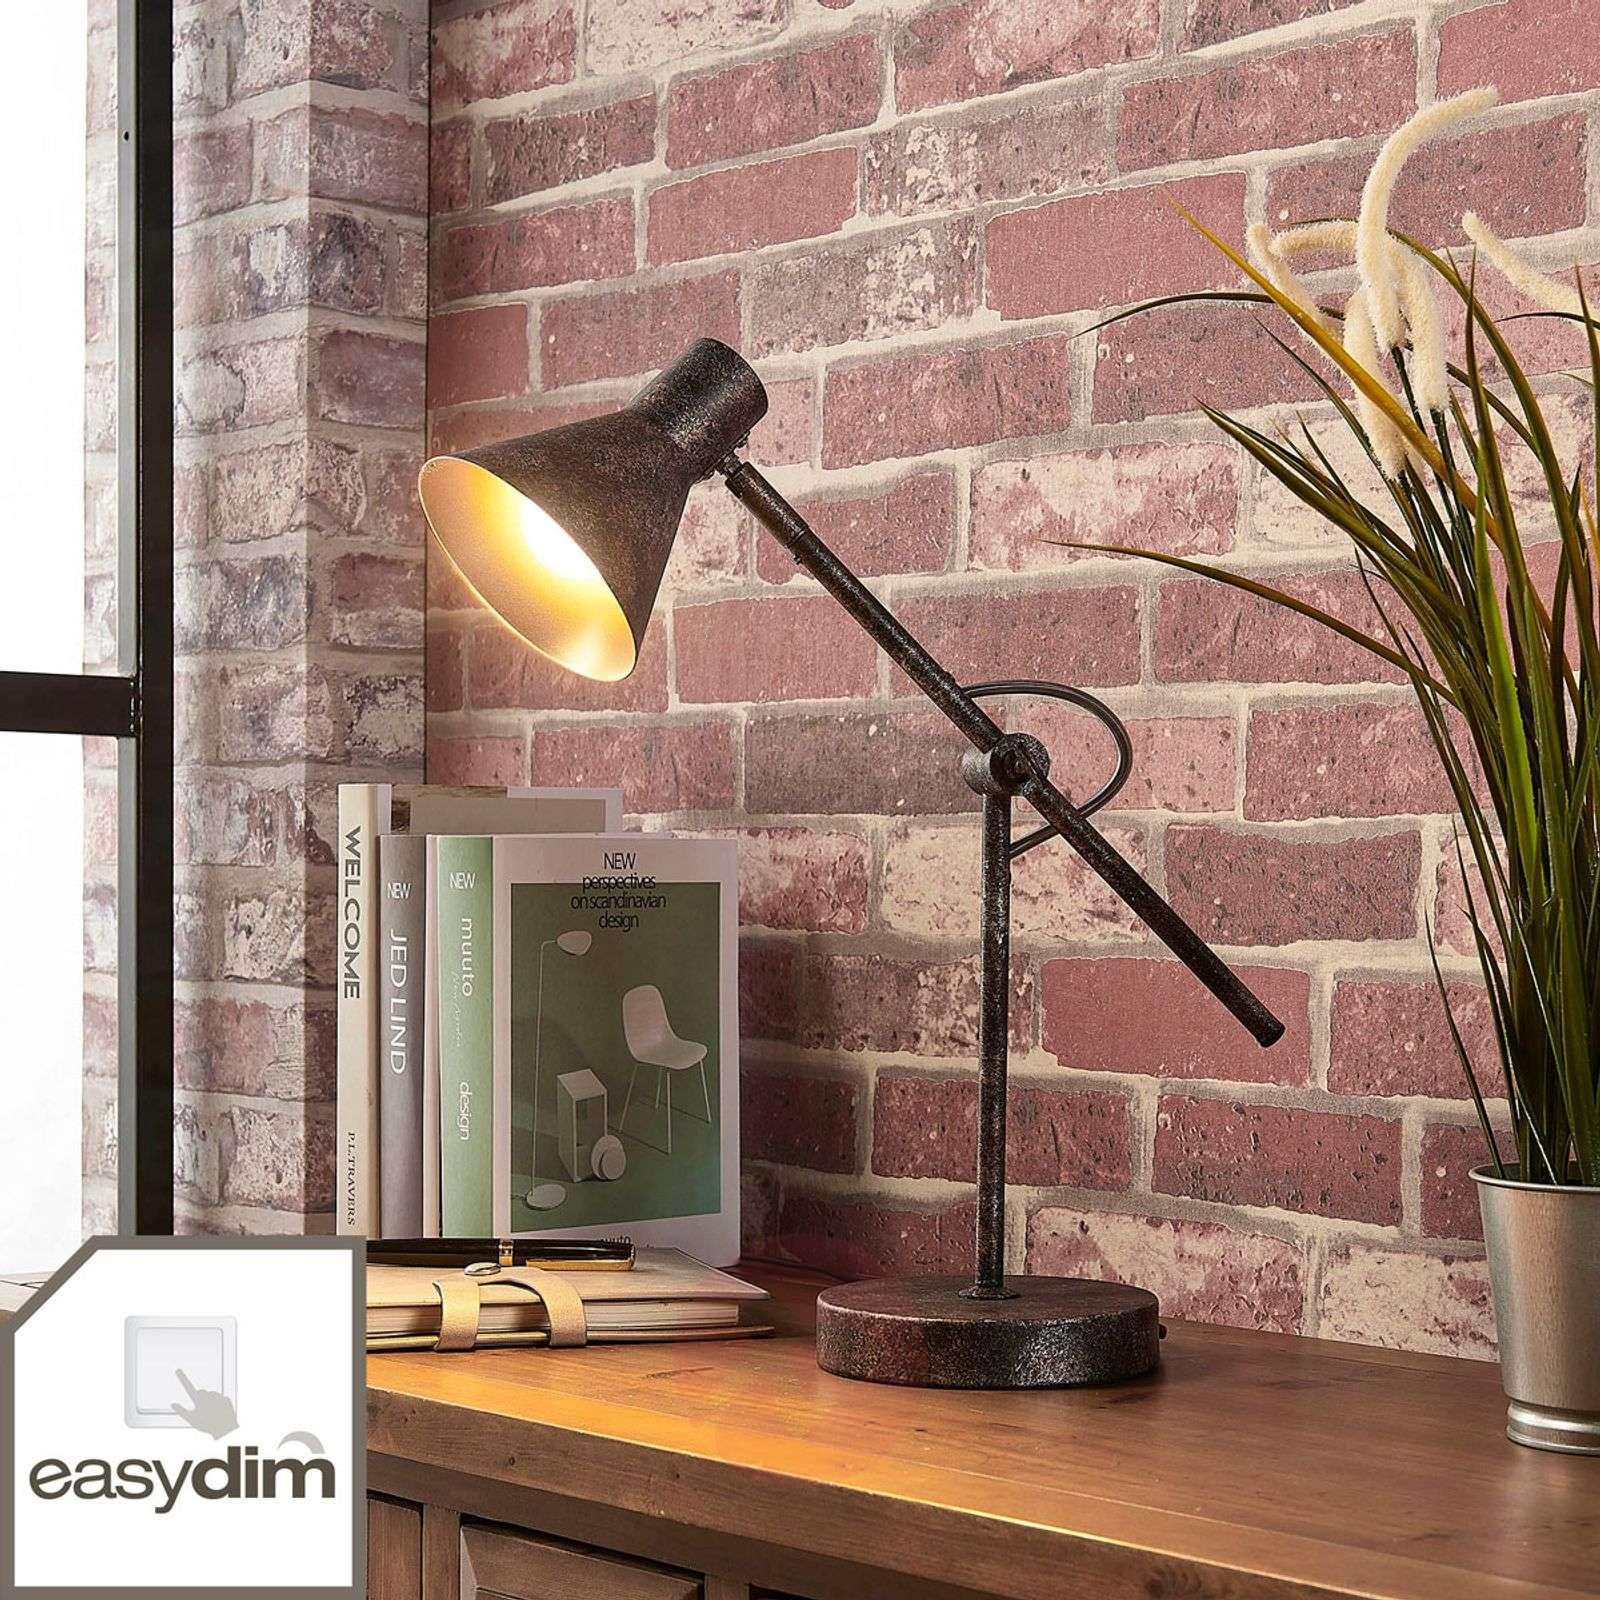 Ruosteenvärinen LED-pöytävalaisin Zera, easydim-9621544-02